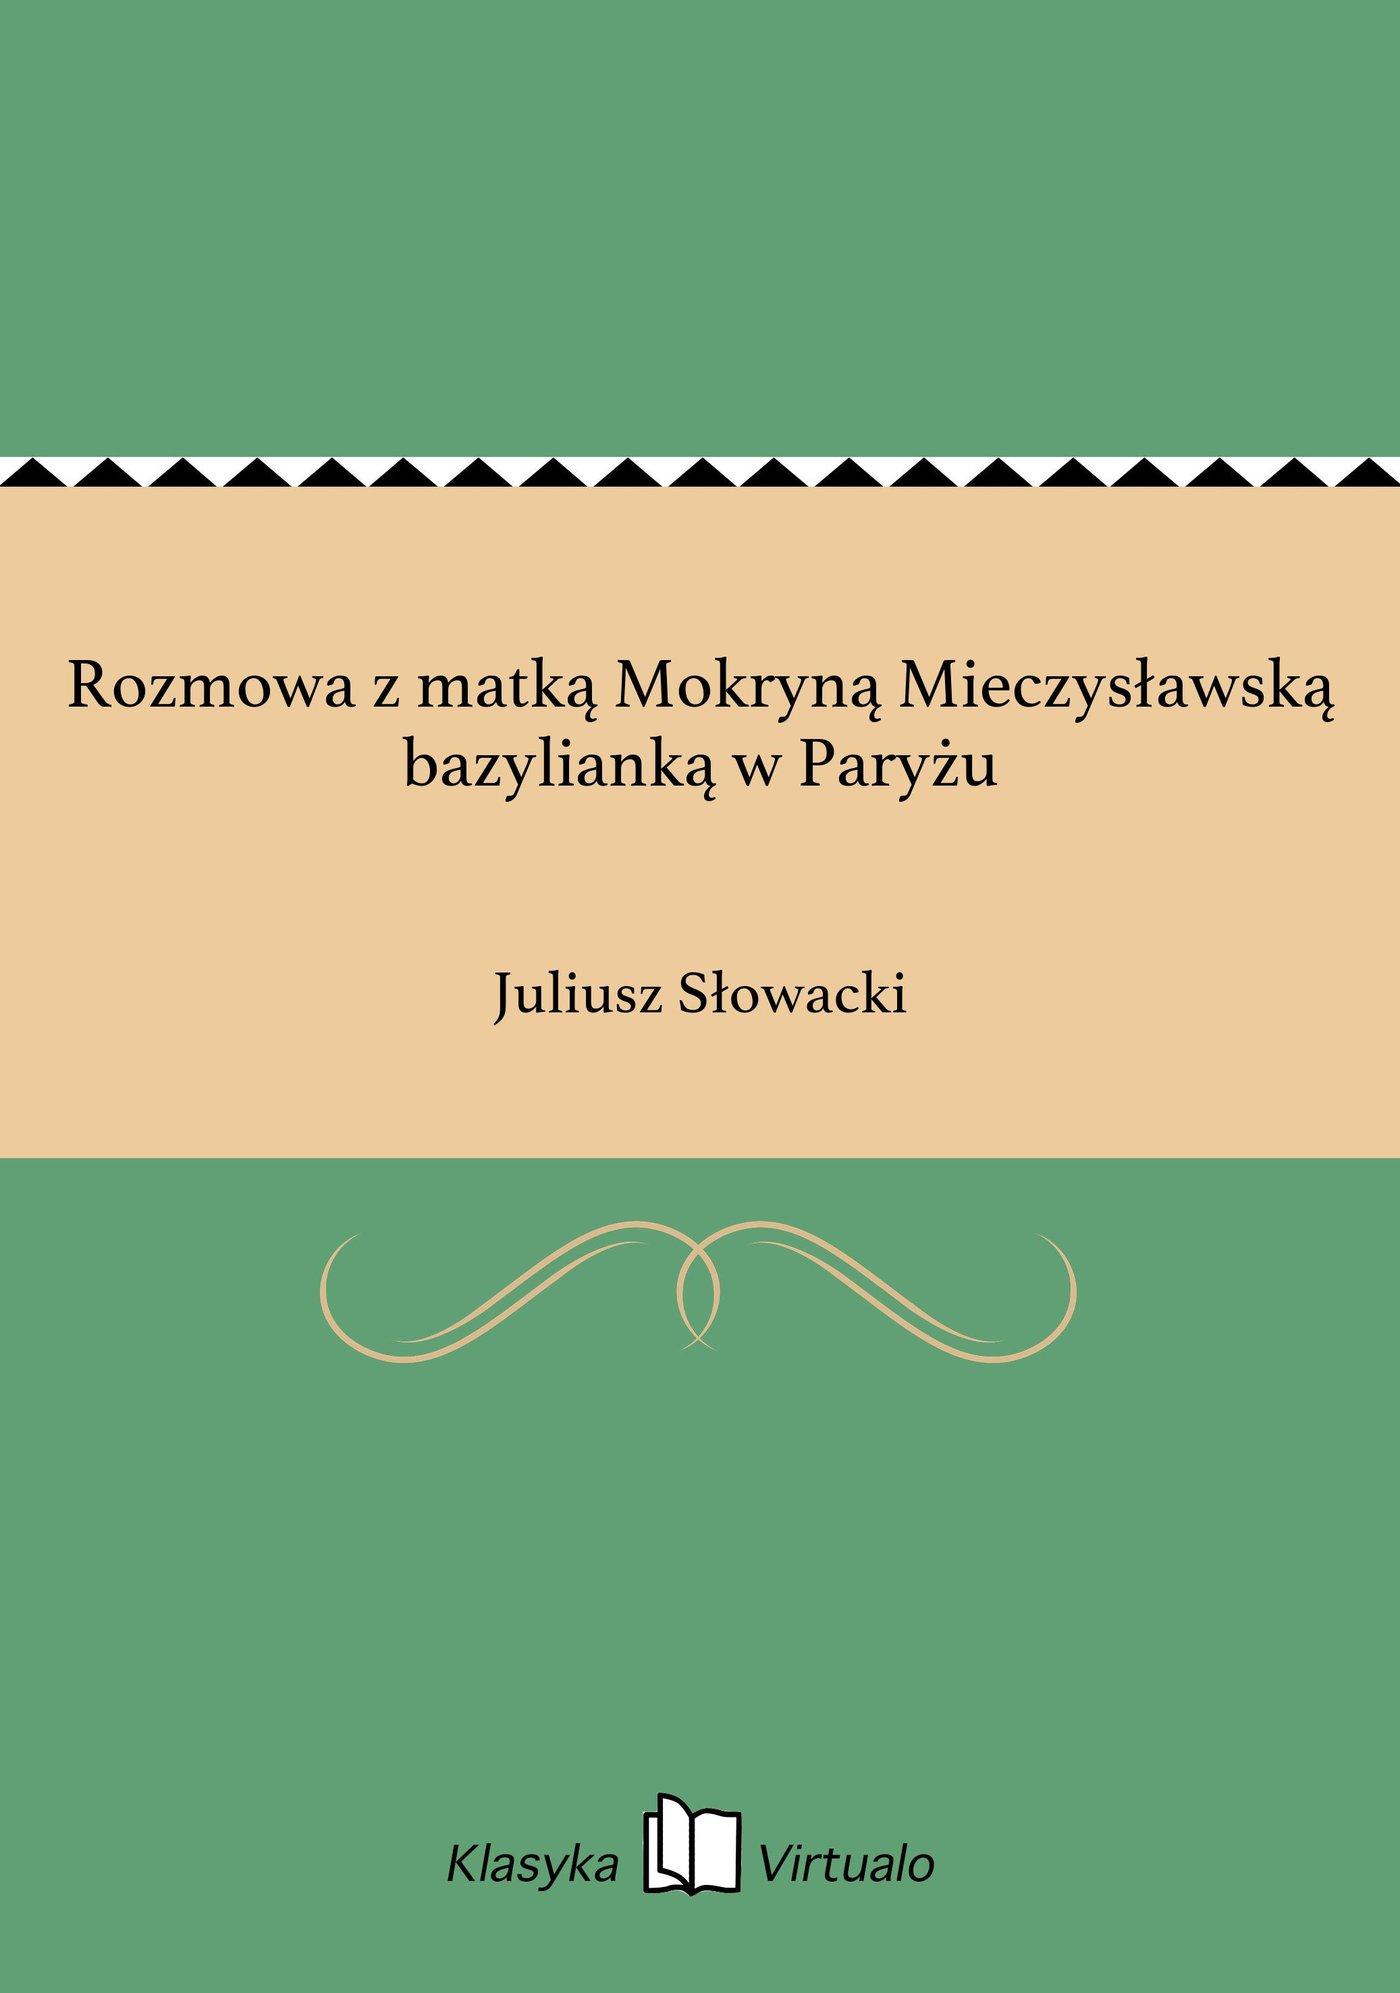 Rozmowa z matką Mokryną Mieczysławską bazylianką w Paryżu - Ebook (Książka na Kindle) do pobrania w formacie MOBI